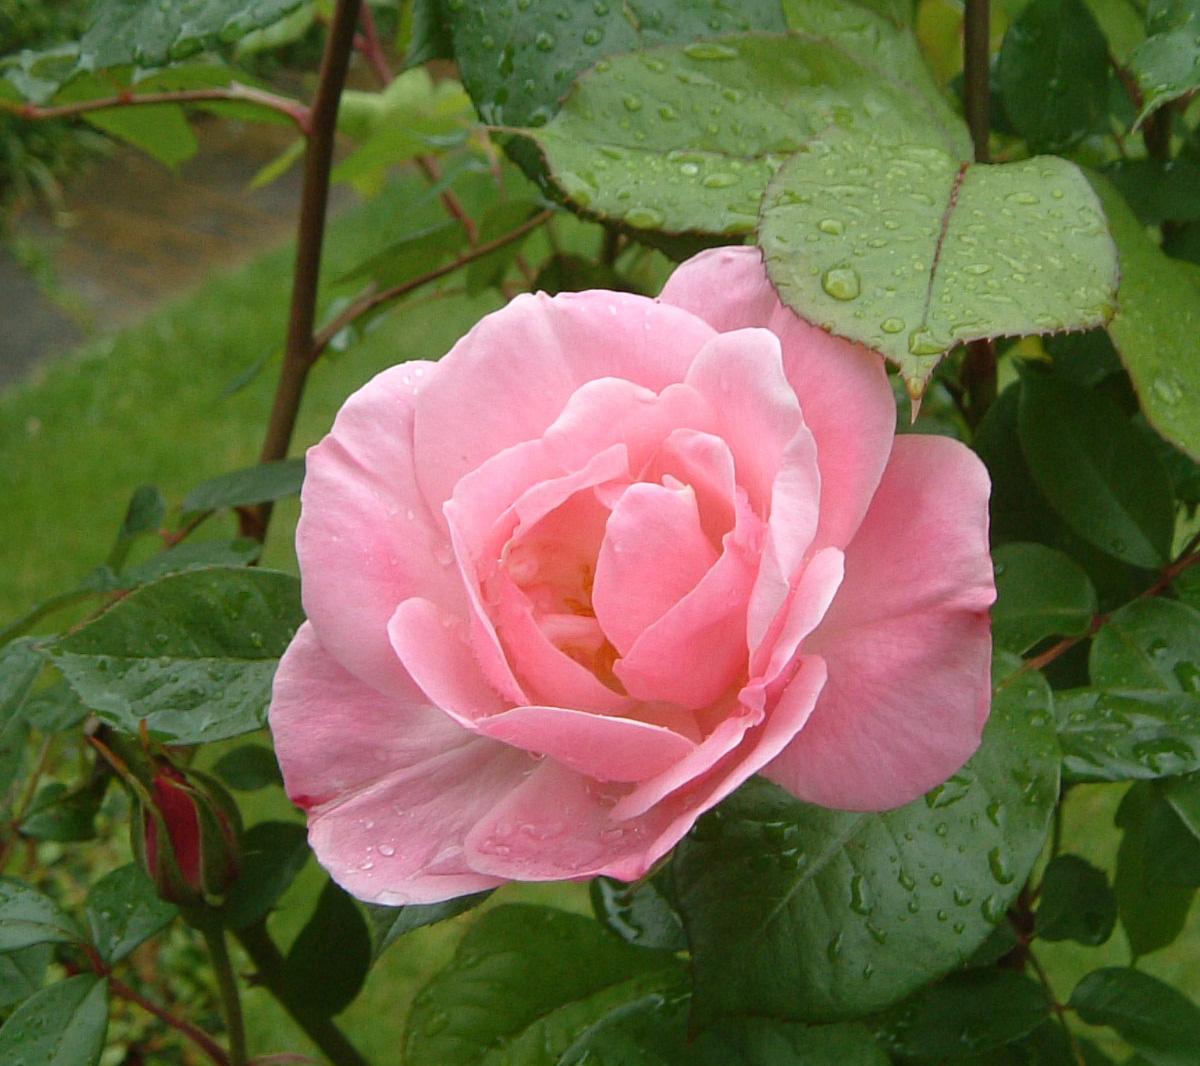 http://4.bp.blogspot.com/-DmIy4tZ7iS0/T76lW3R7KdI/AAAAAAAAA6g/0kdninMf9W4/s1600/pink-rose-21.jpg